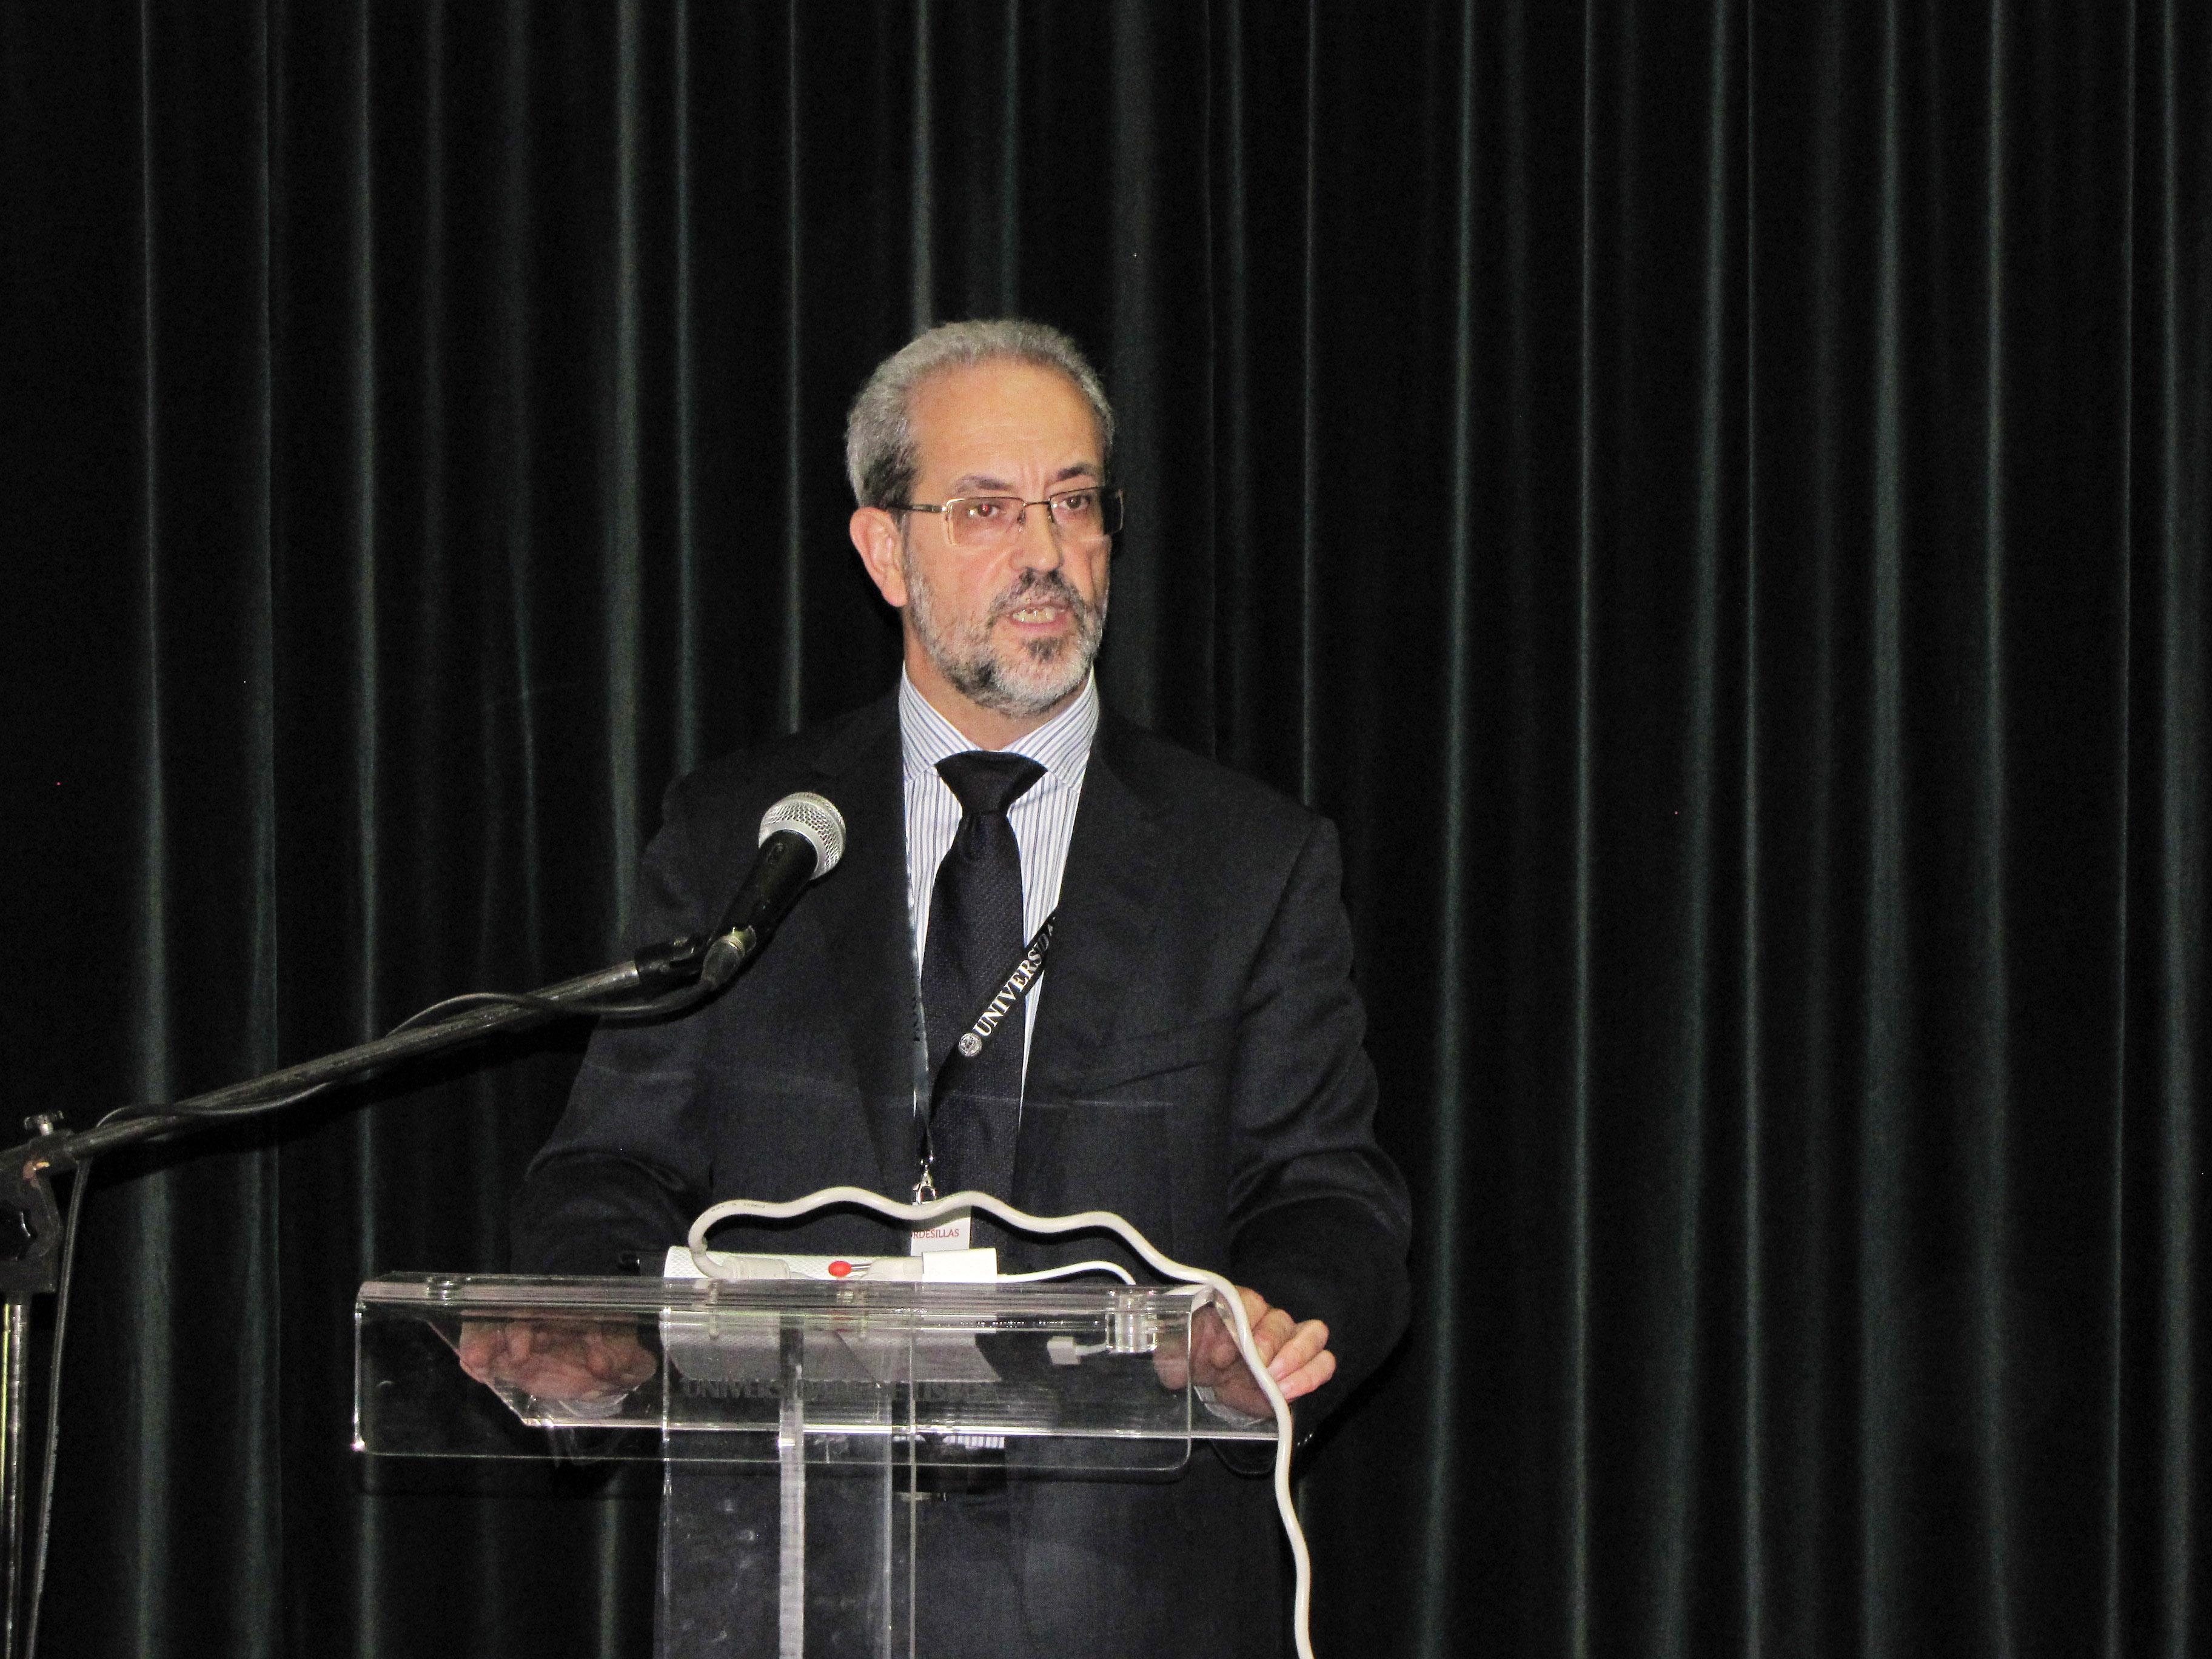 El rector participa en el XII Encuentro de Rectores del Grupo Tordesillas en la Universidad de Lisboa